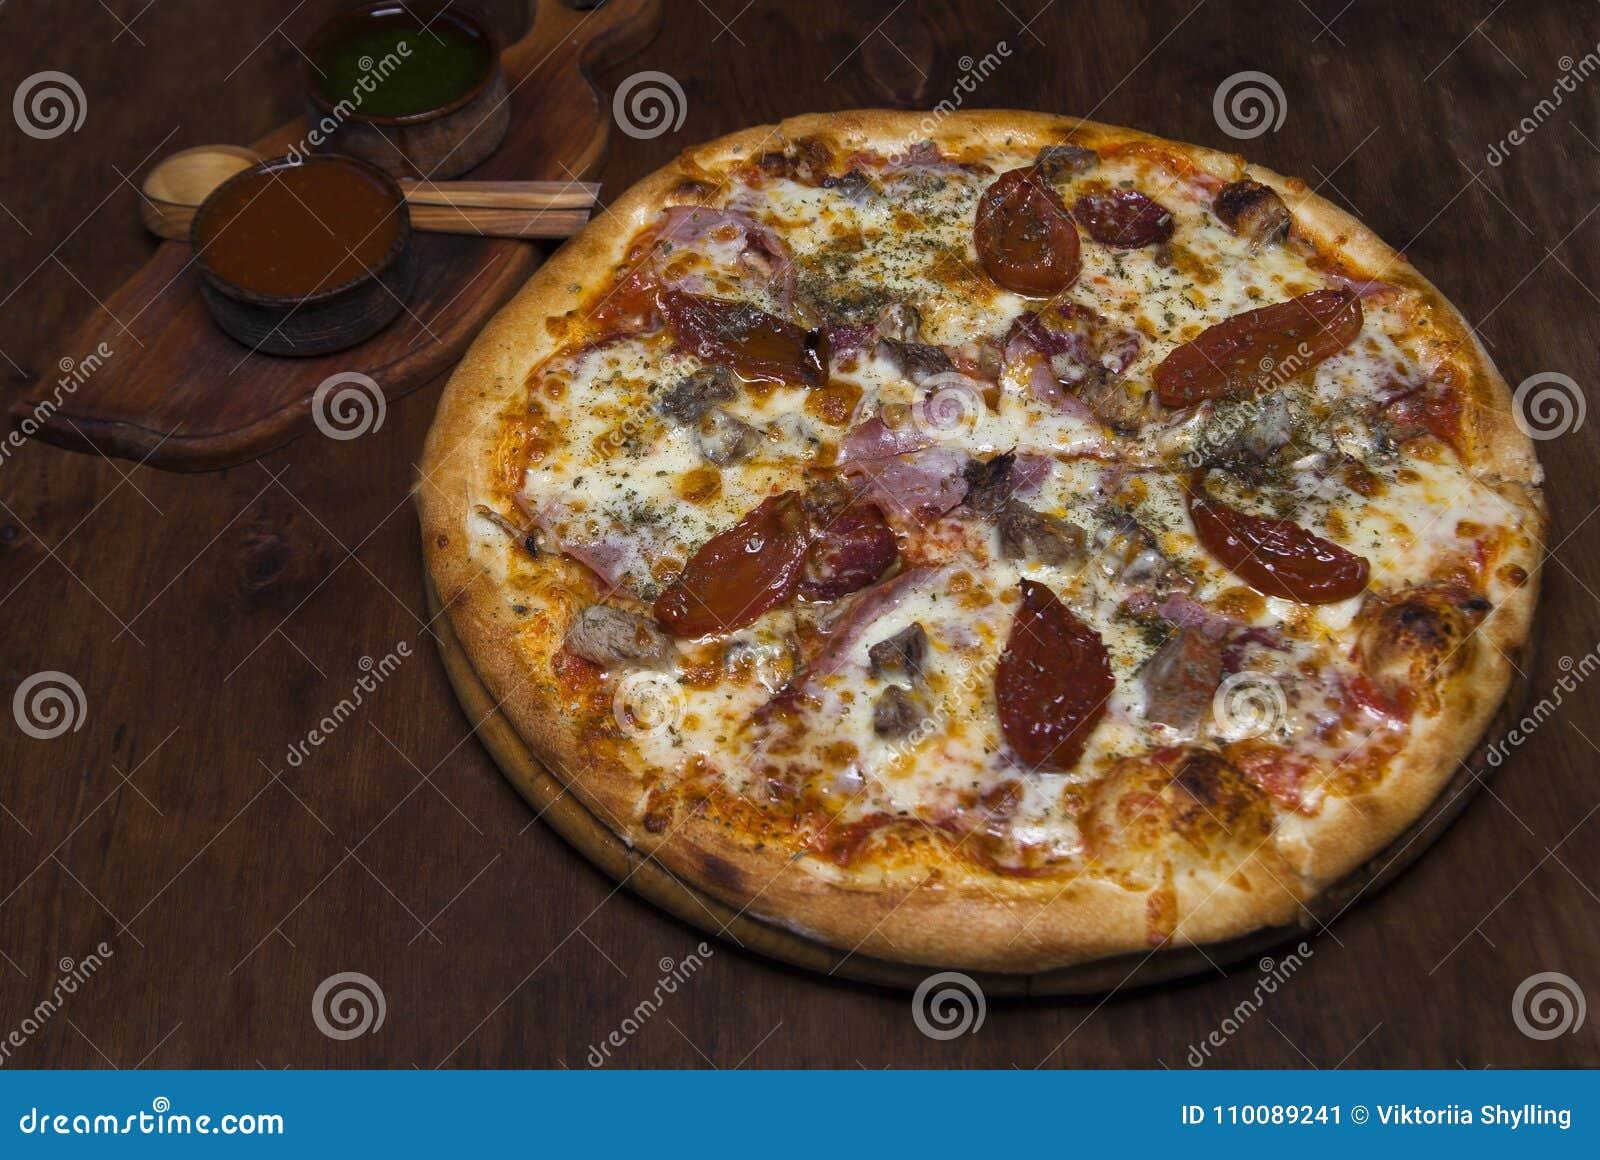 Pizza met kalfsvlees, ham, kaas en in de zon gedroogde tomaten